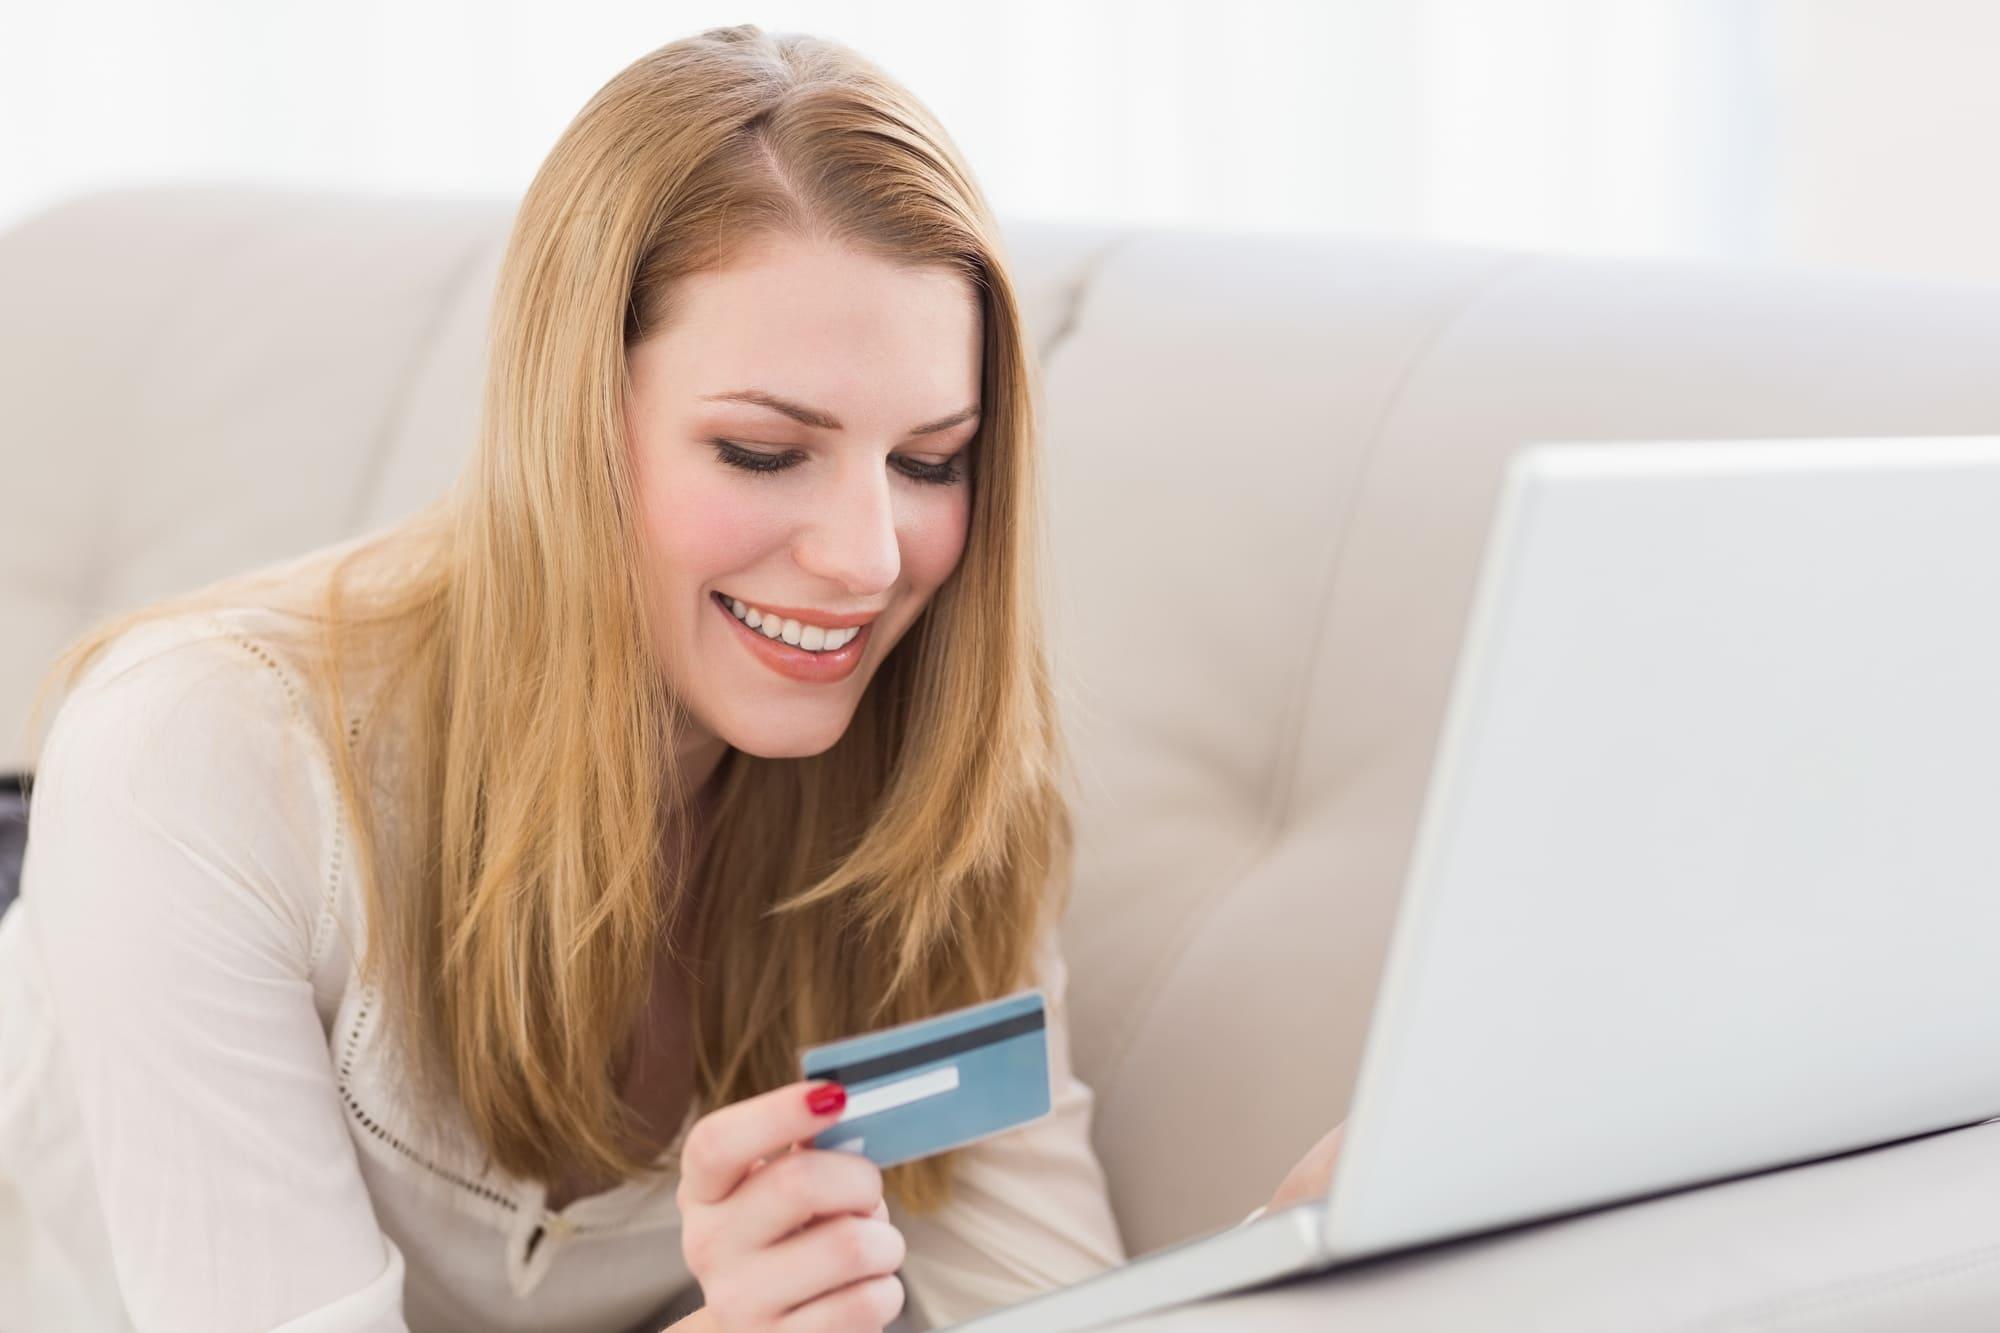 ビジネスカードとは?作っておきたいおすすめビジネスカード5選